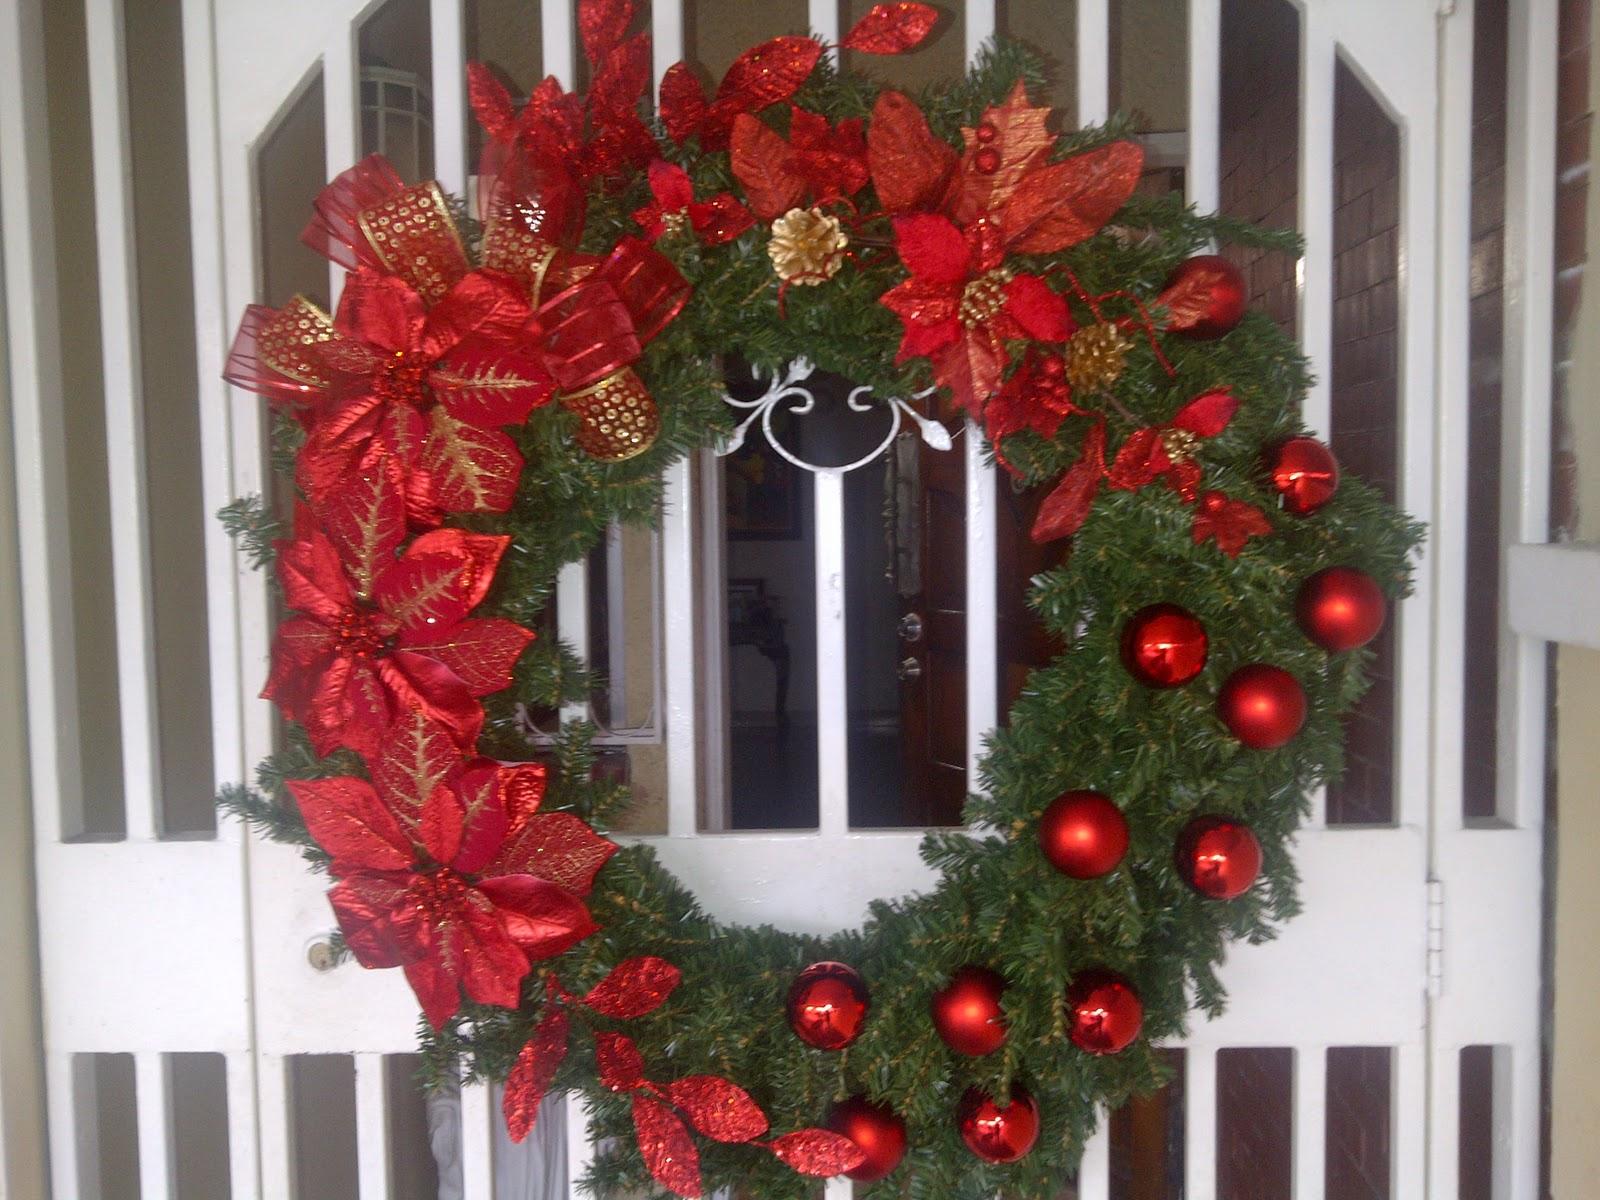 Deco party s a decoraciones navidad 2011 - Decoraciones para navidad ...